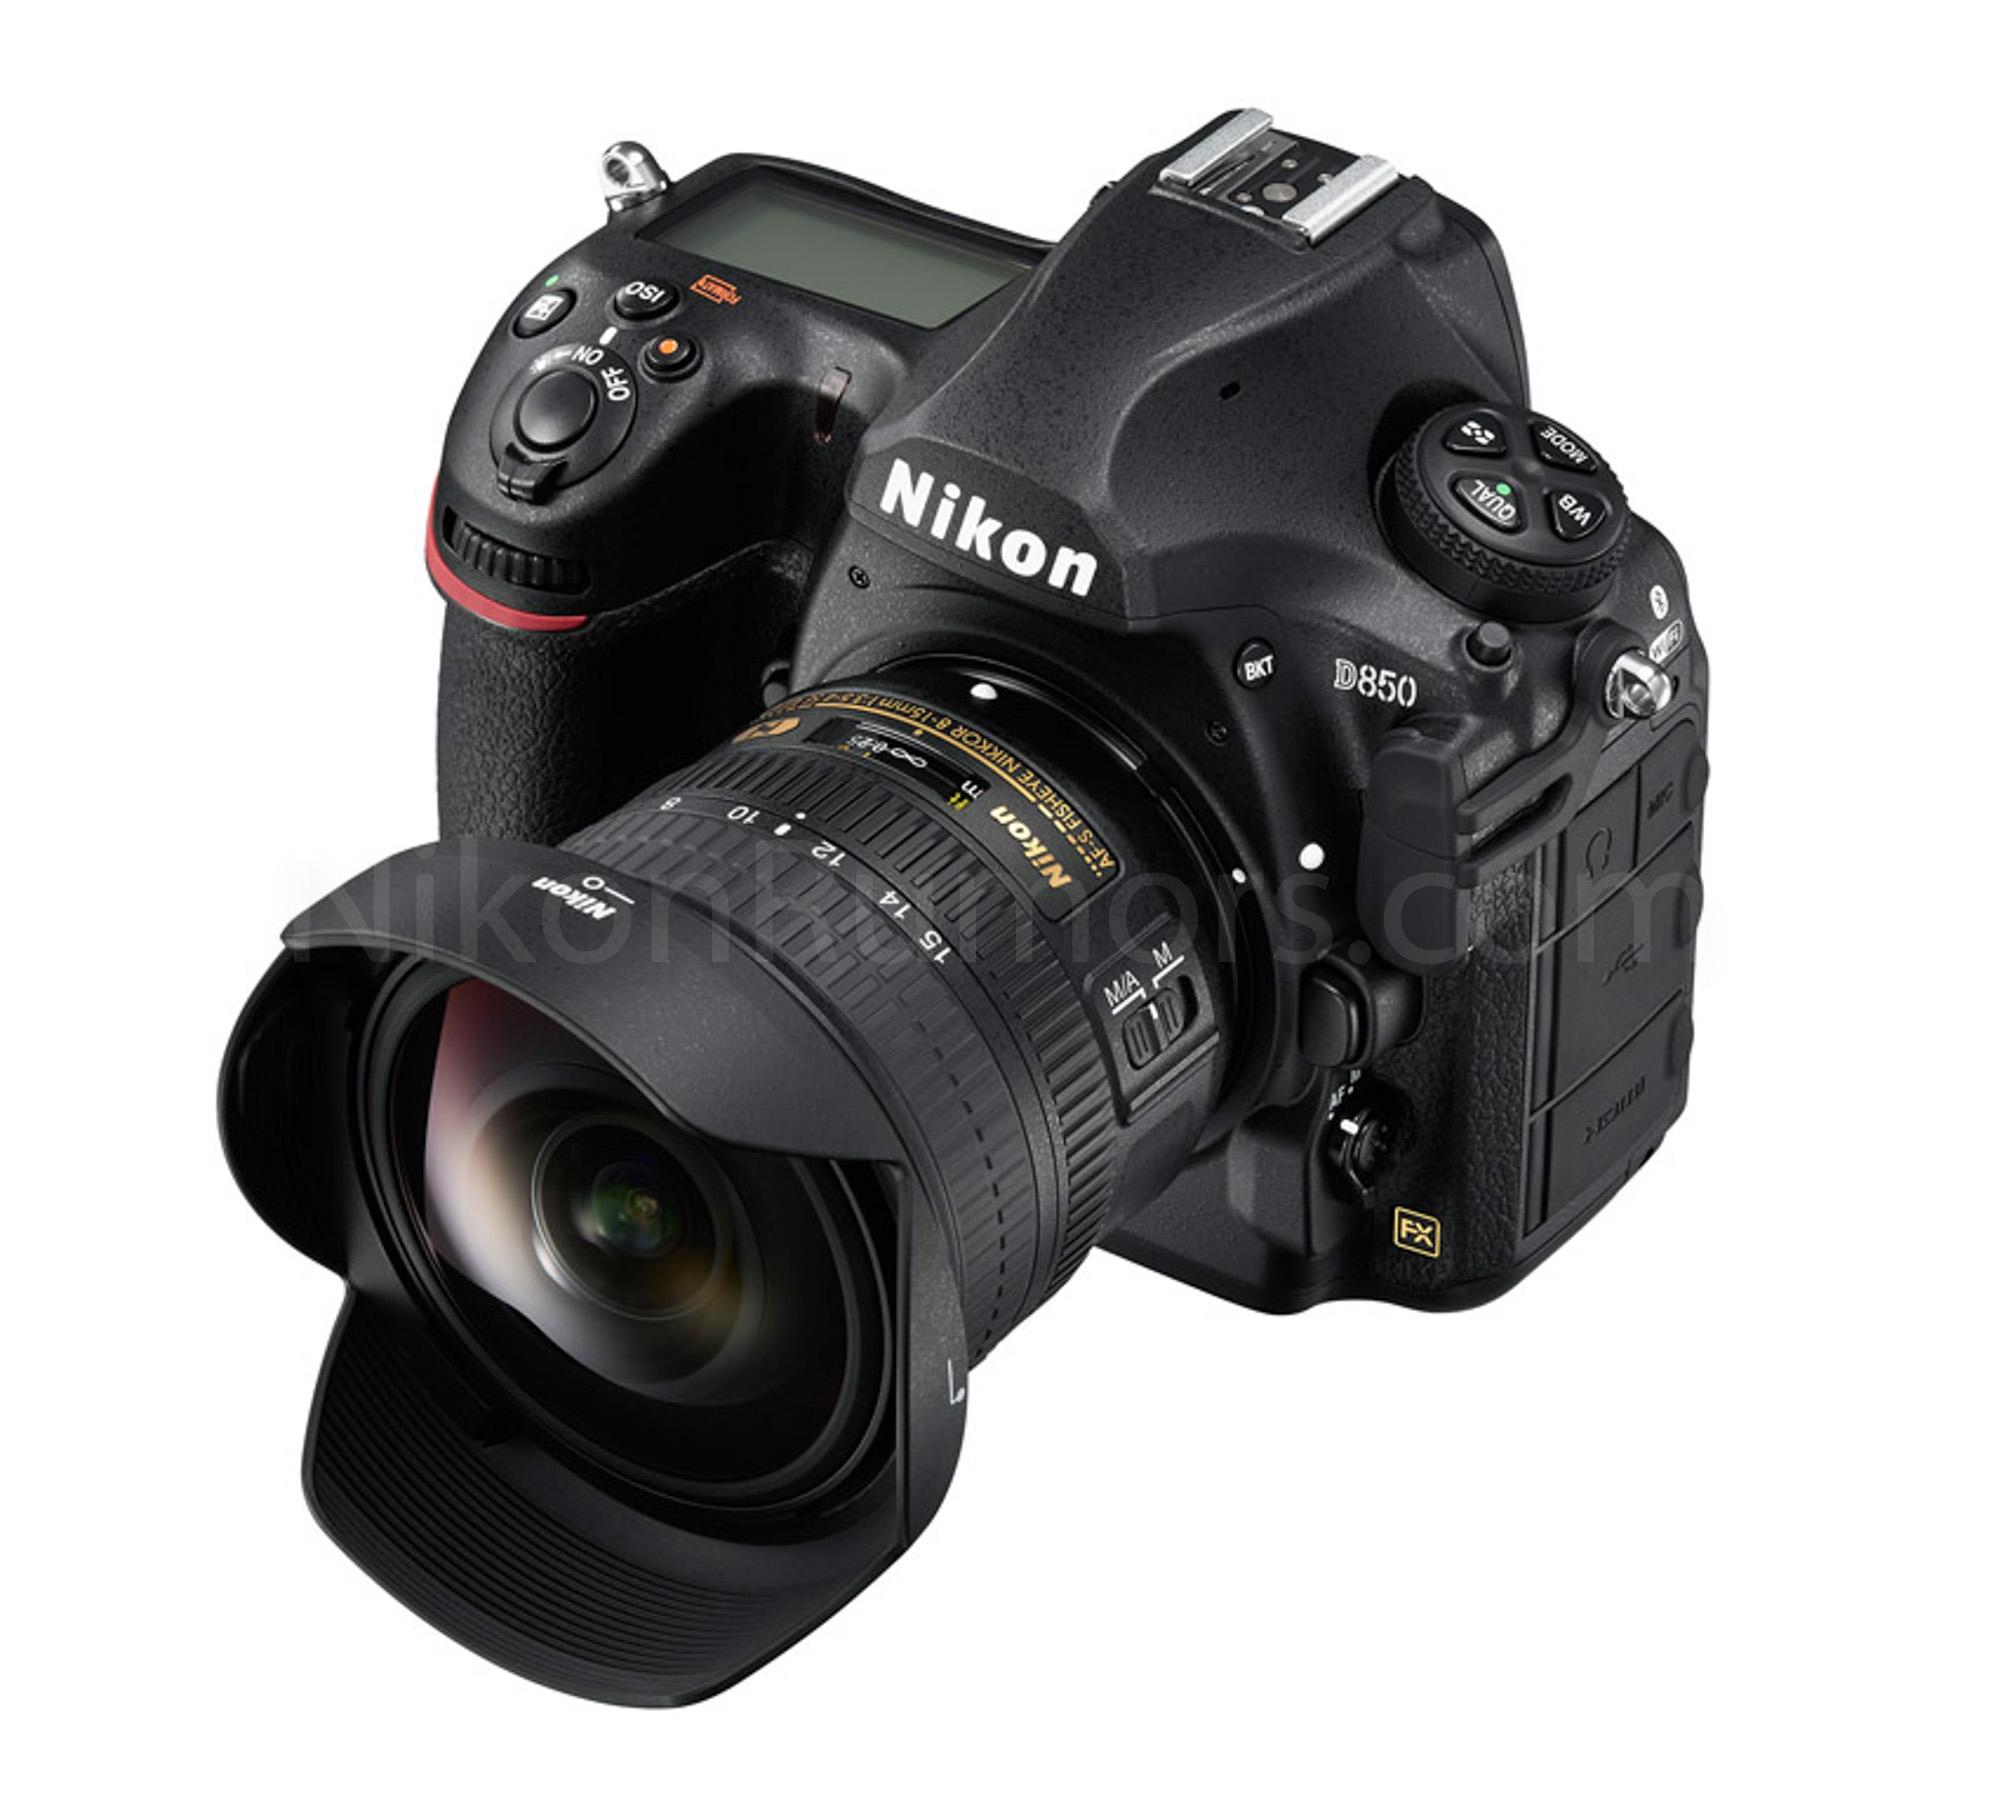 Nikon-D850-DSLR-camera9.jpg